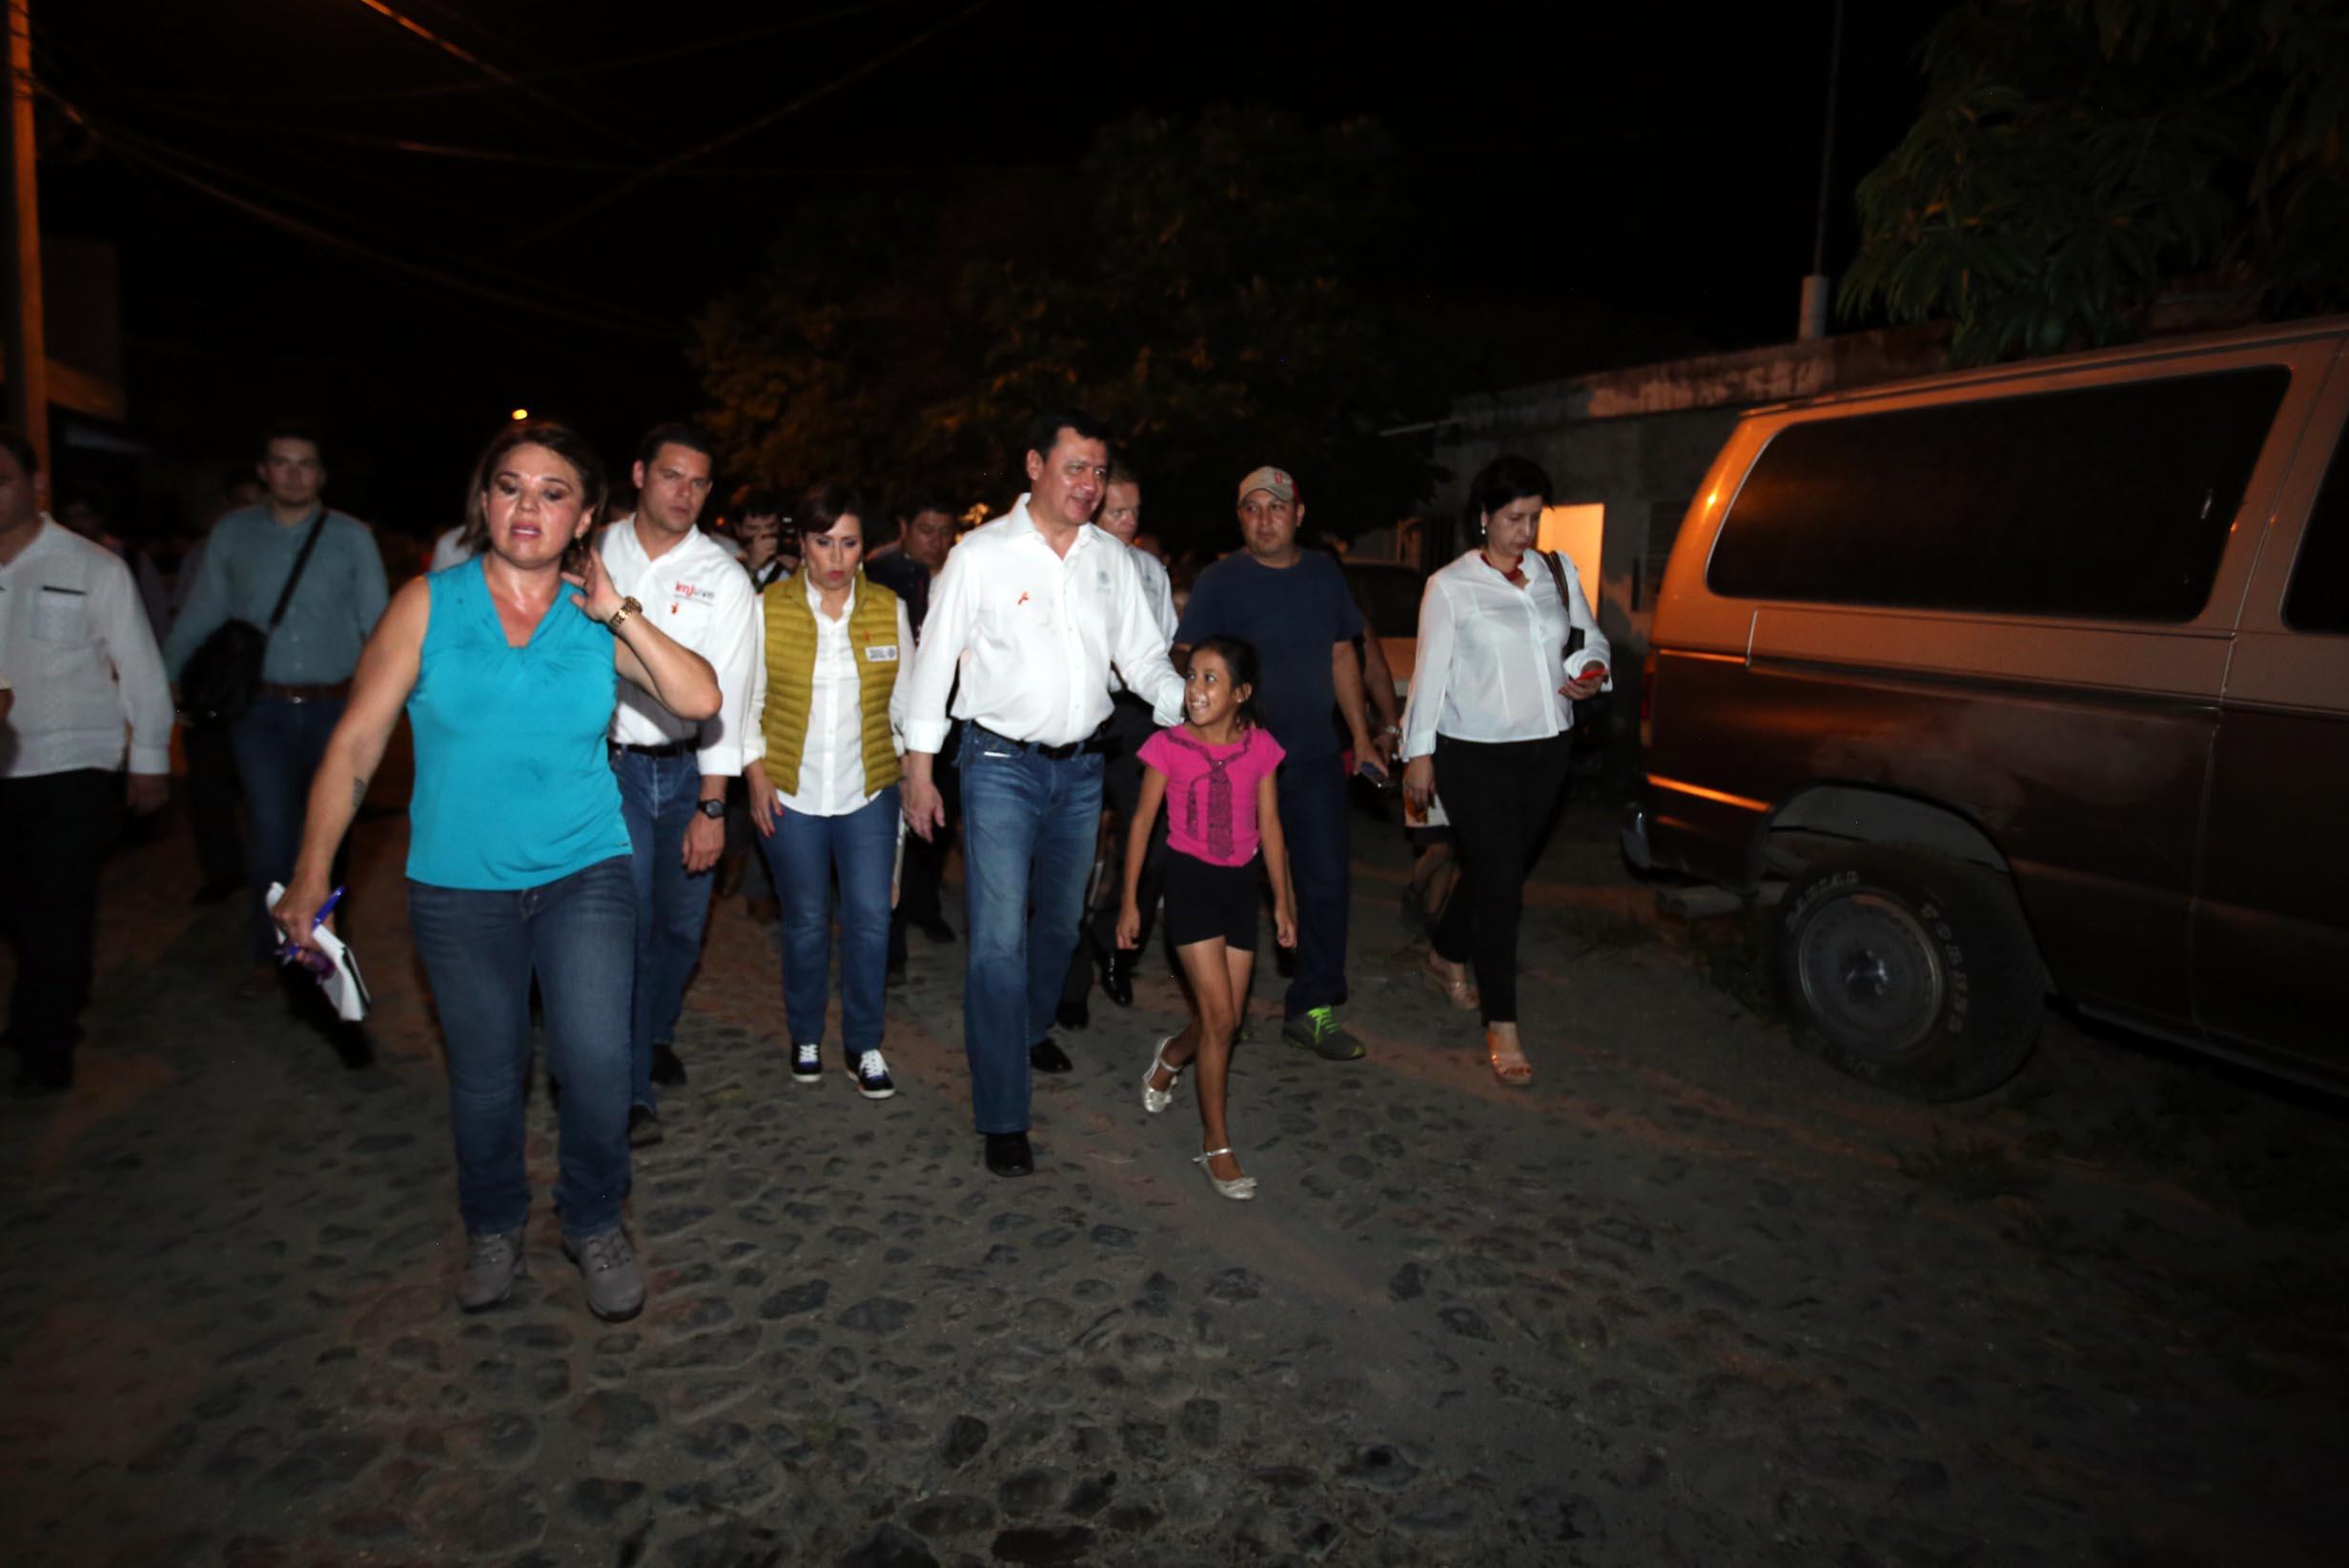 Miguel Ángel Osorio Chong, Secretario de Gobernación, durante el recorrido con mujeres en la Tívoli, en Colima